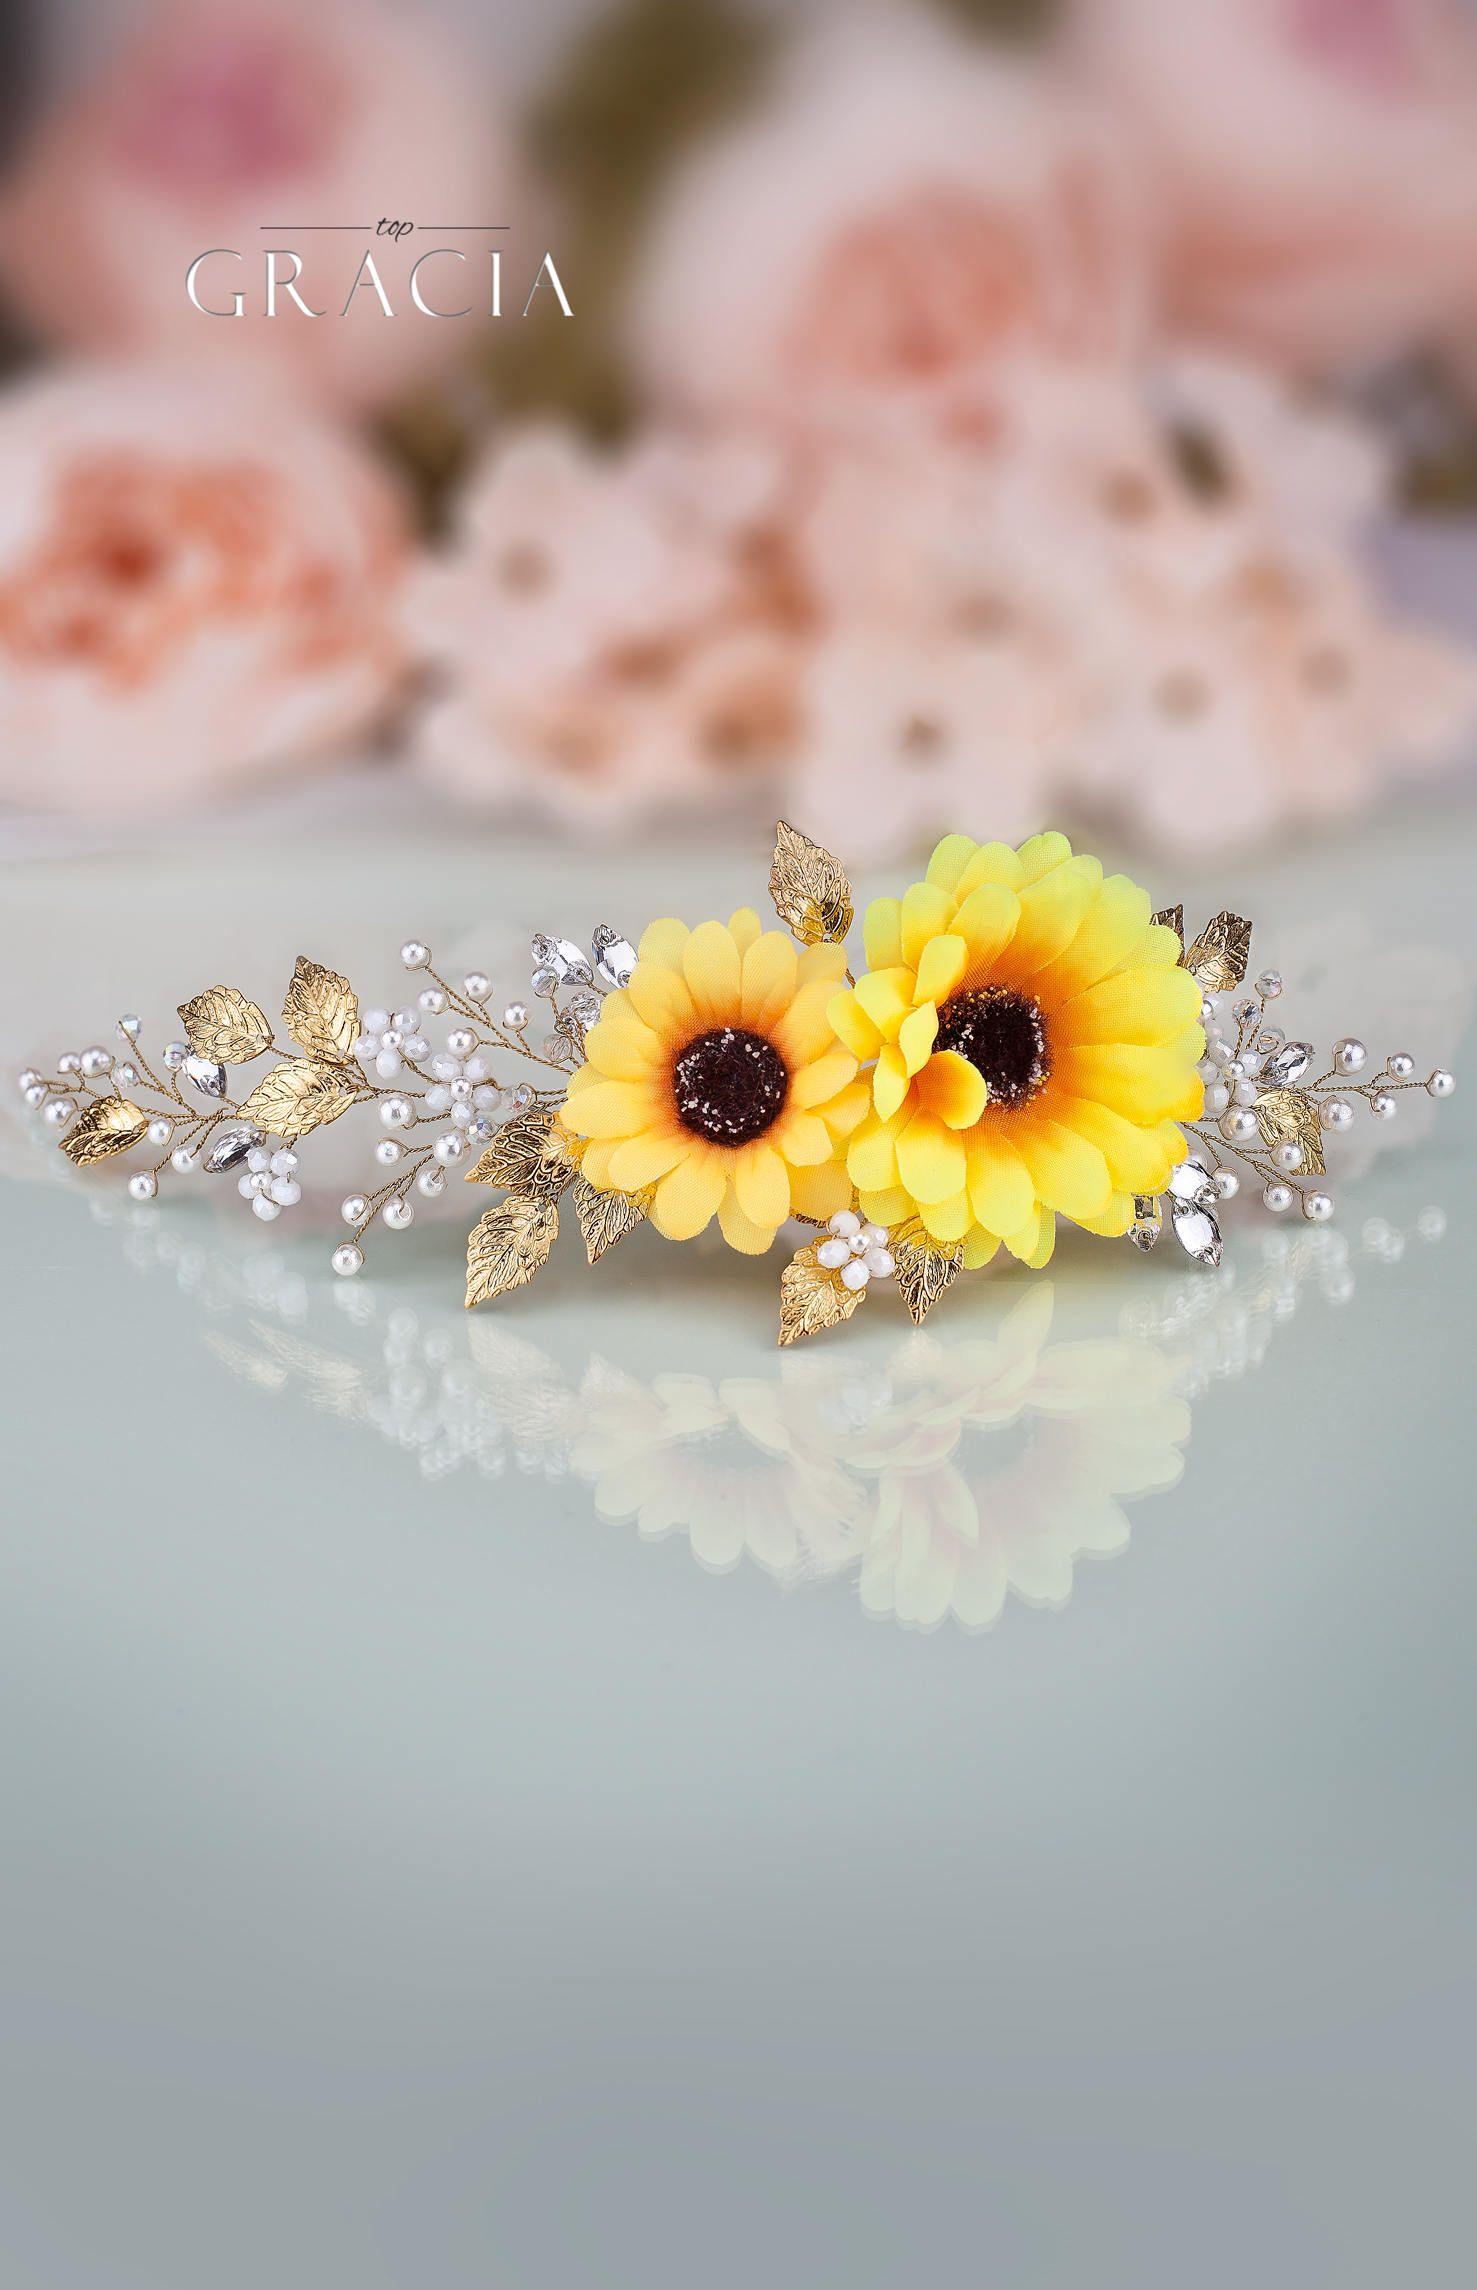 Sunflower flower hair comb Sunflower headband Yellow flower crown Sunflower wedding Fall floral crown Fall wedding Yellow bridal headpiece